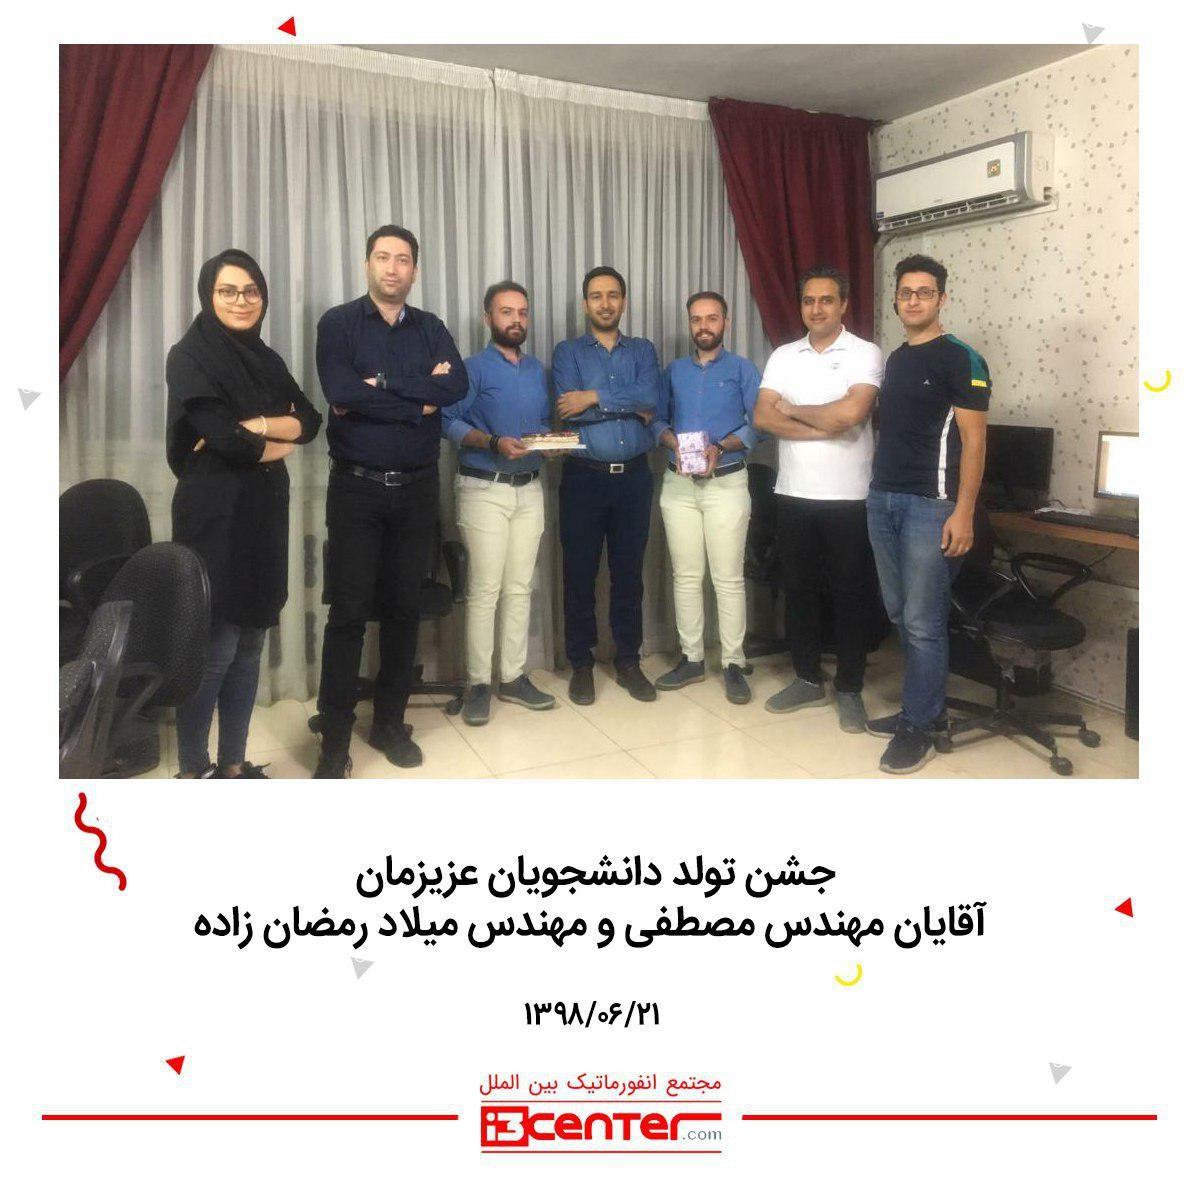 جشن تولد آقایان مهندس مصطفی و میلاد رمضان زاده.